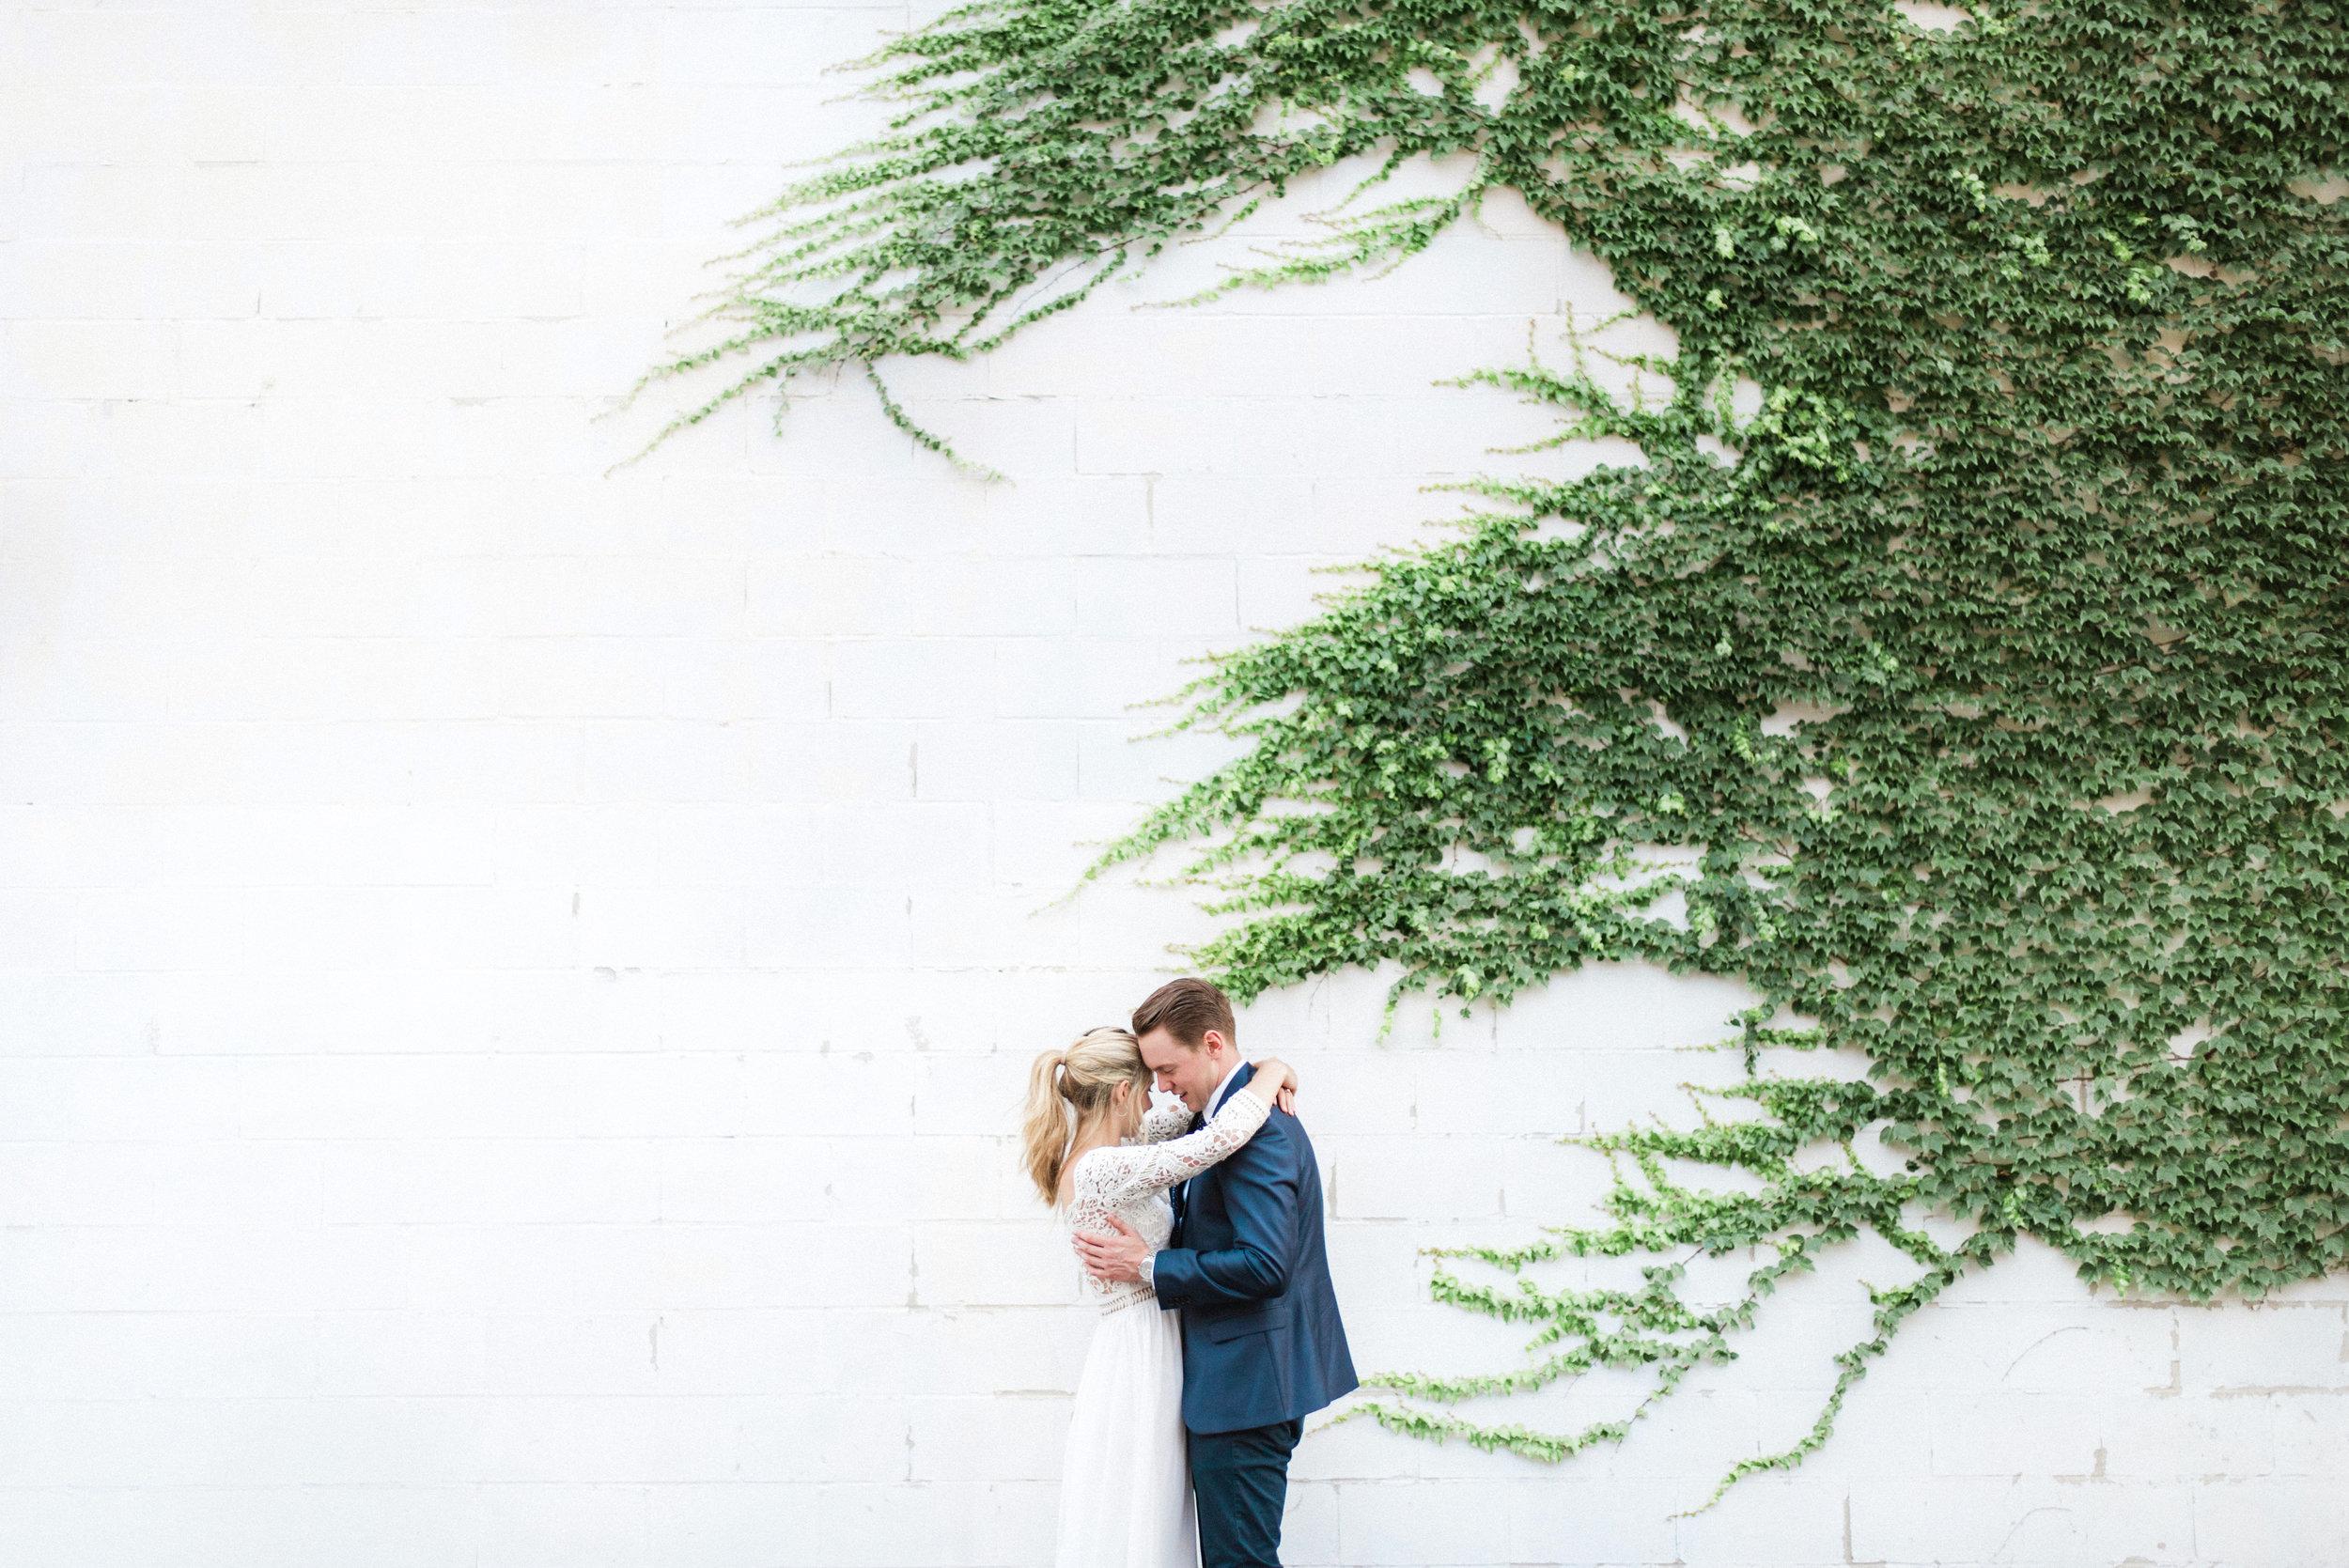 BrookeKeagan_Engaged_wedding_2091.jpg